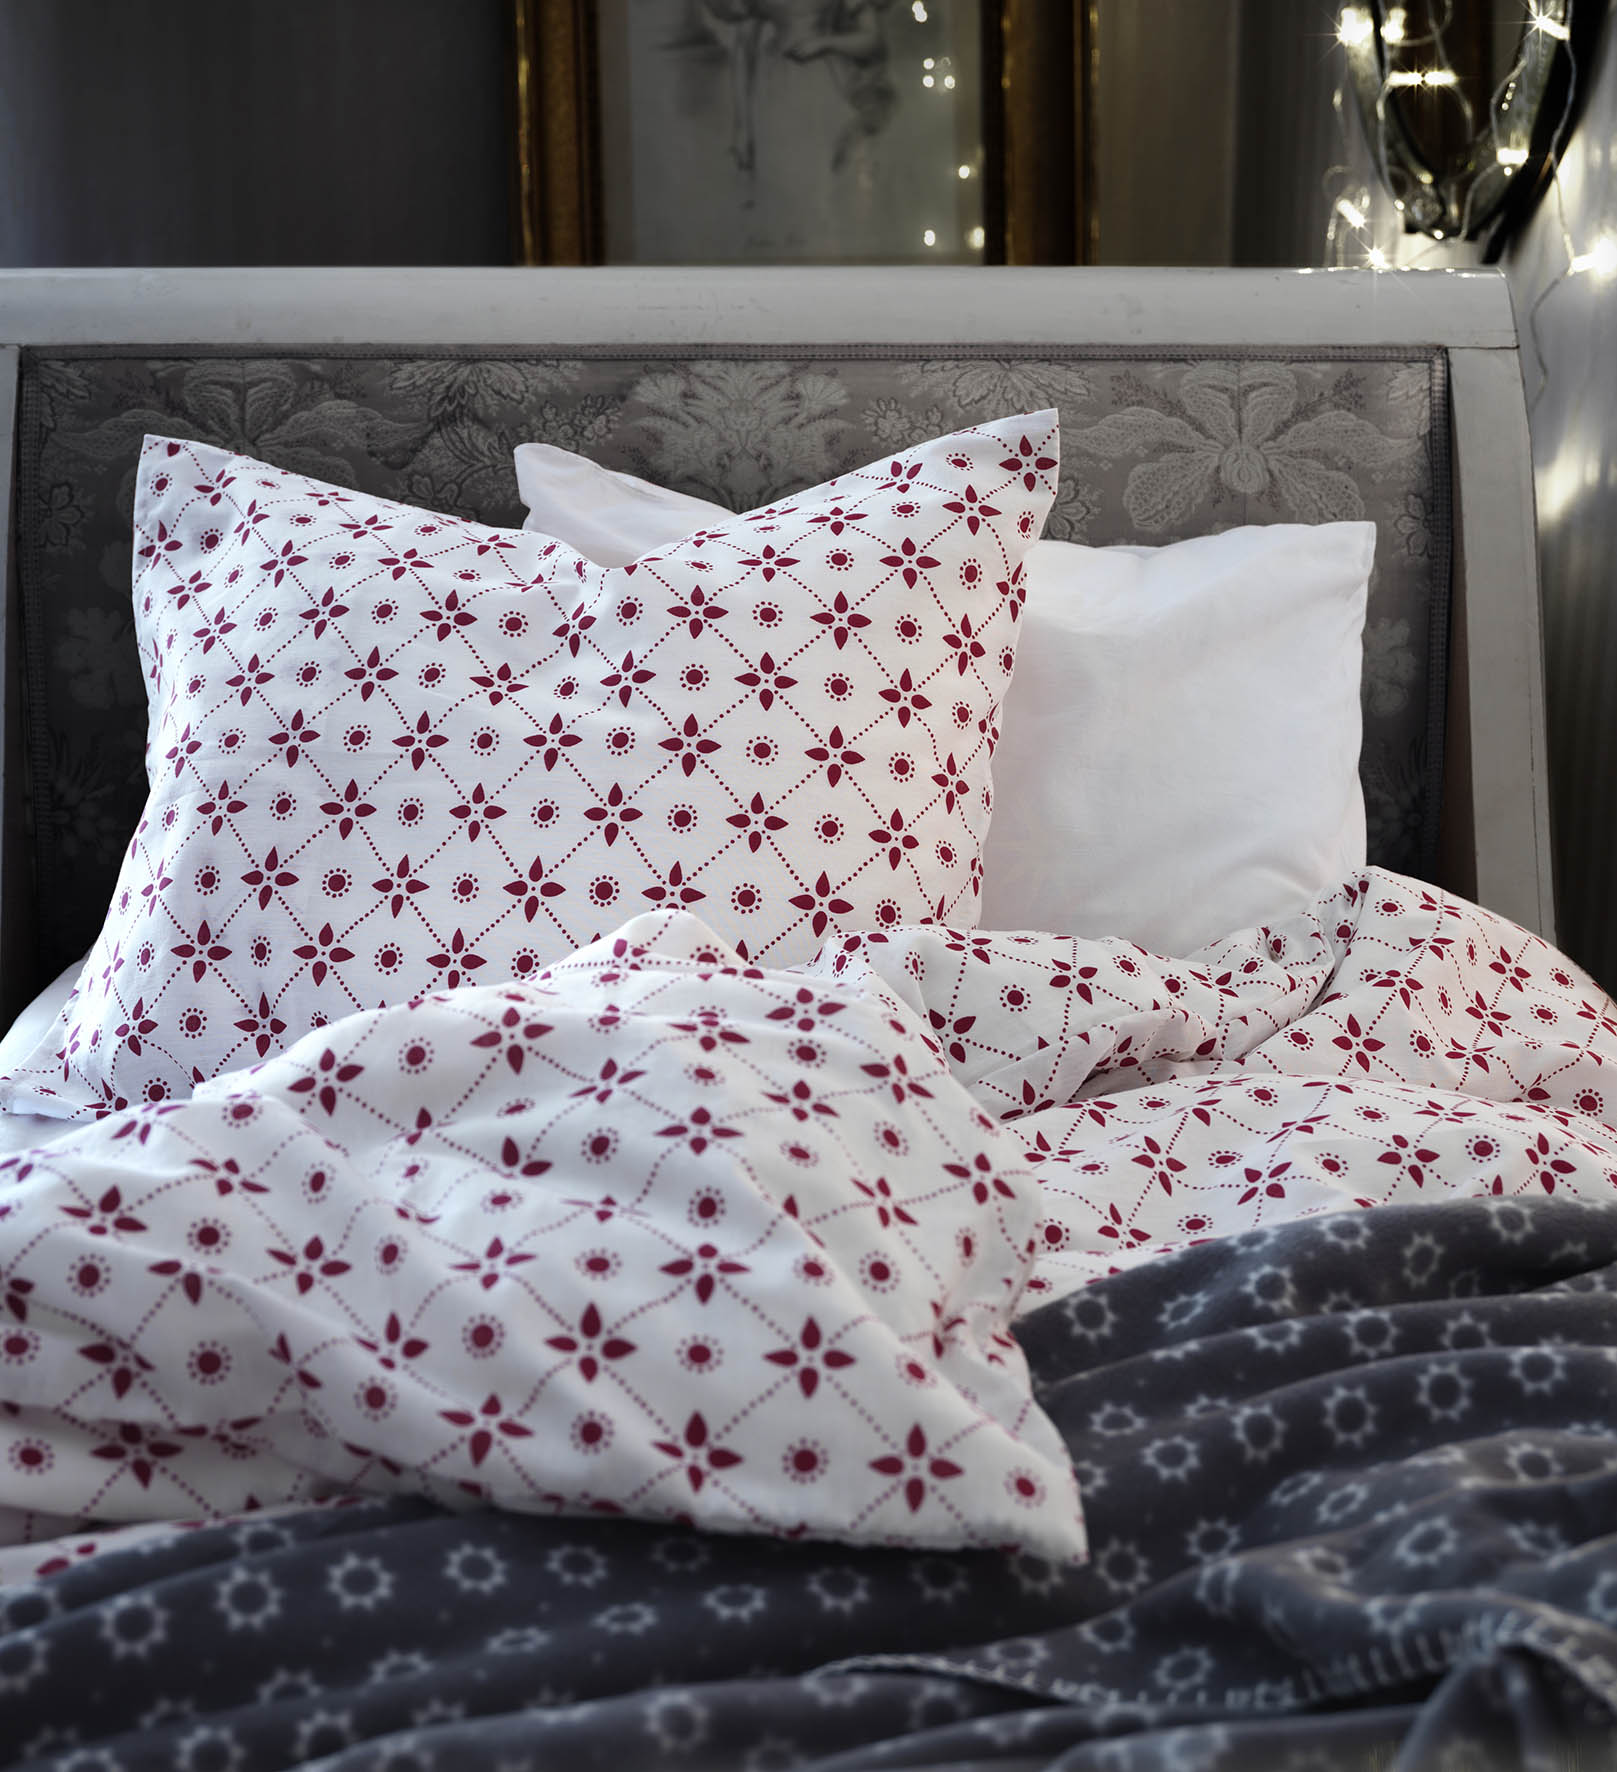 Je slaapkamer versieren voor kerst 25 ideetjes - Catalogo ikea natale 2017 ...